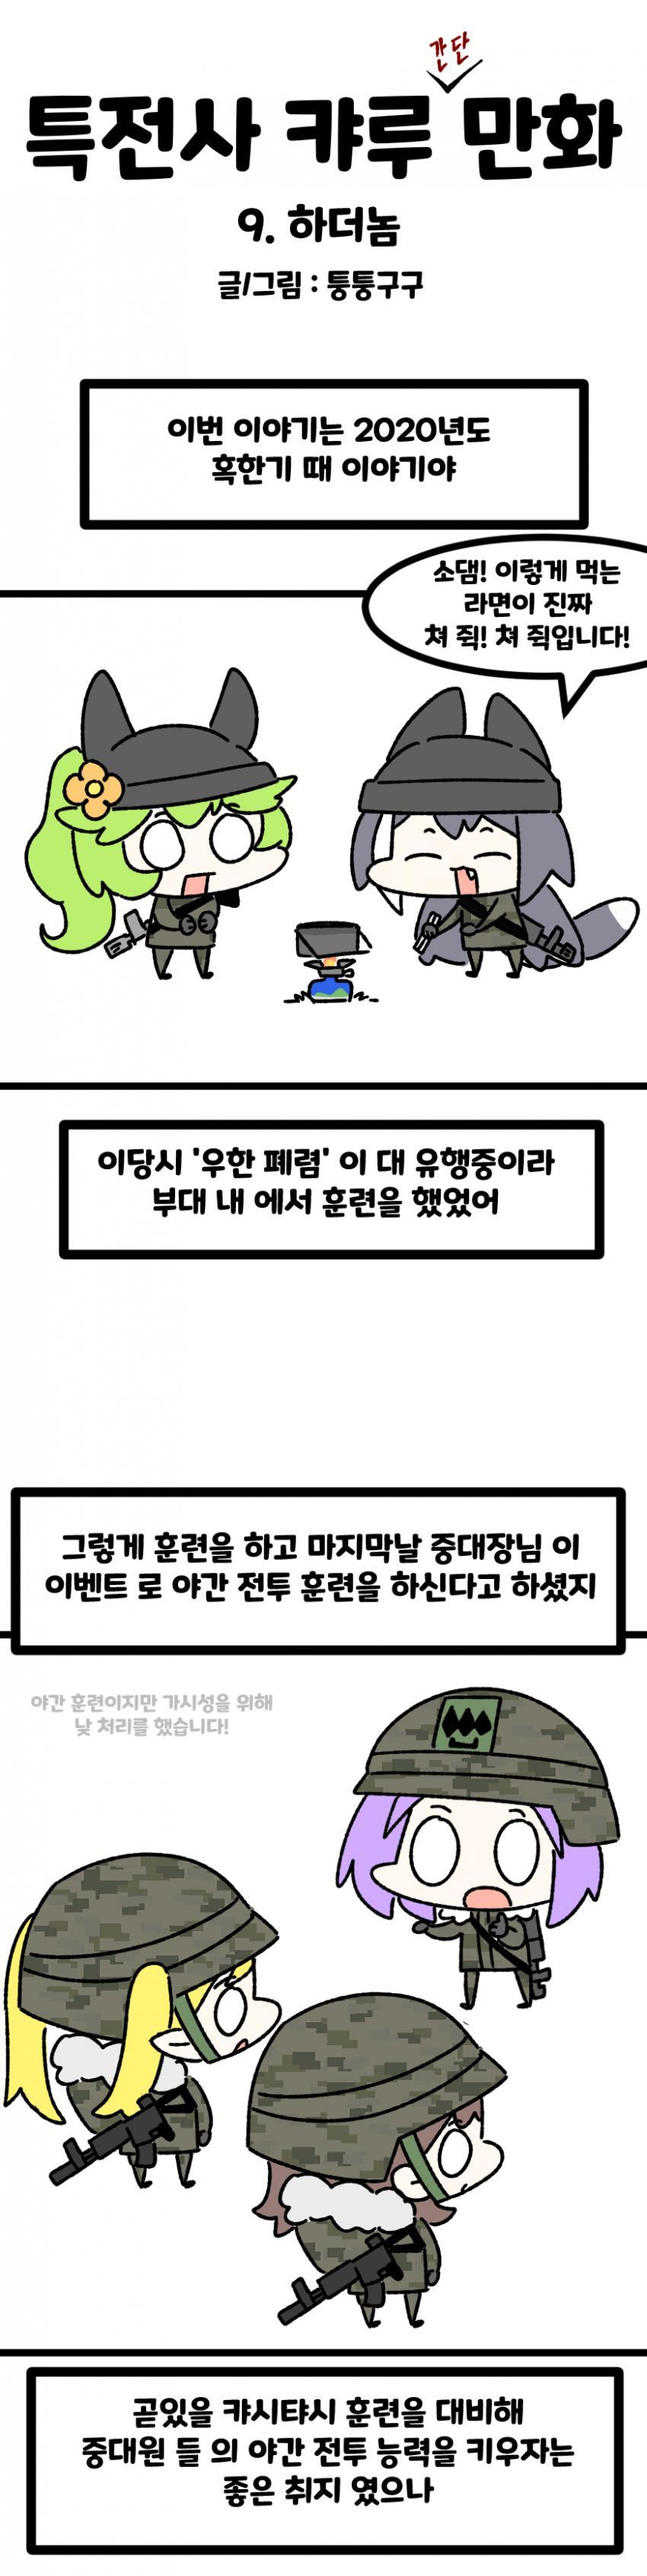 viewimage.php?id=2ebcc232eadd36&no=24b0d769e1d32ca73feb86fa11d02831b7cca0f2855e21730c724febbe0d6d5012256ae0585a88e5f854520cfc0903fb0d337e64e6b5f61cb505b424db16c60a21